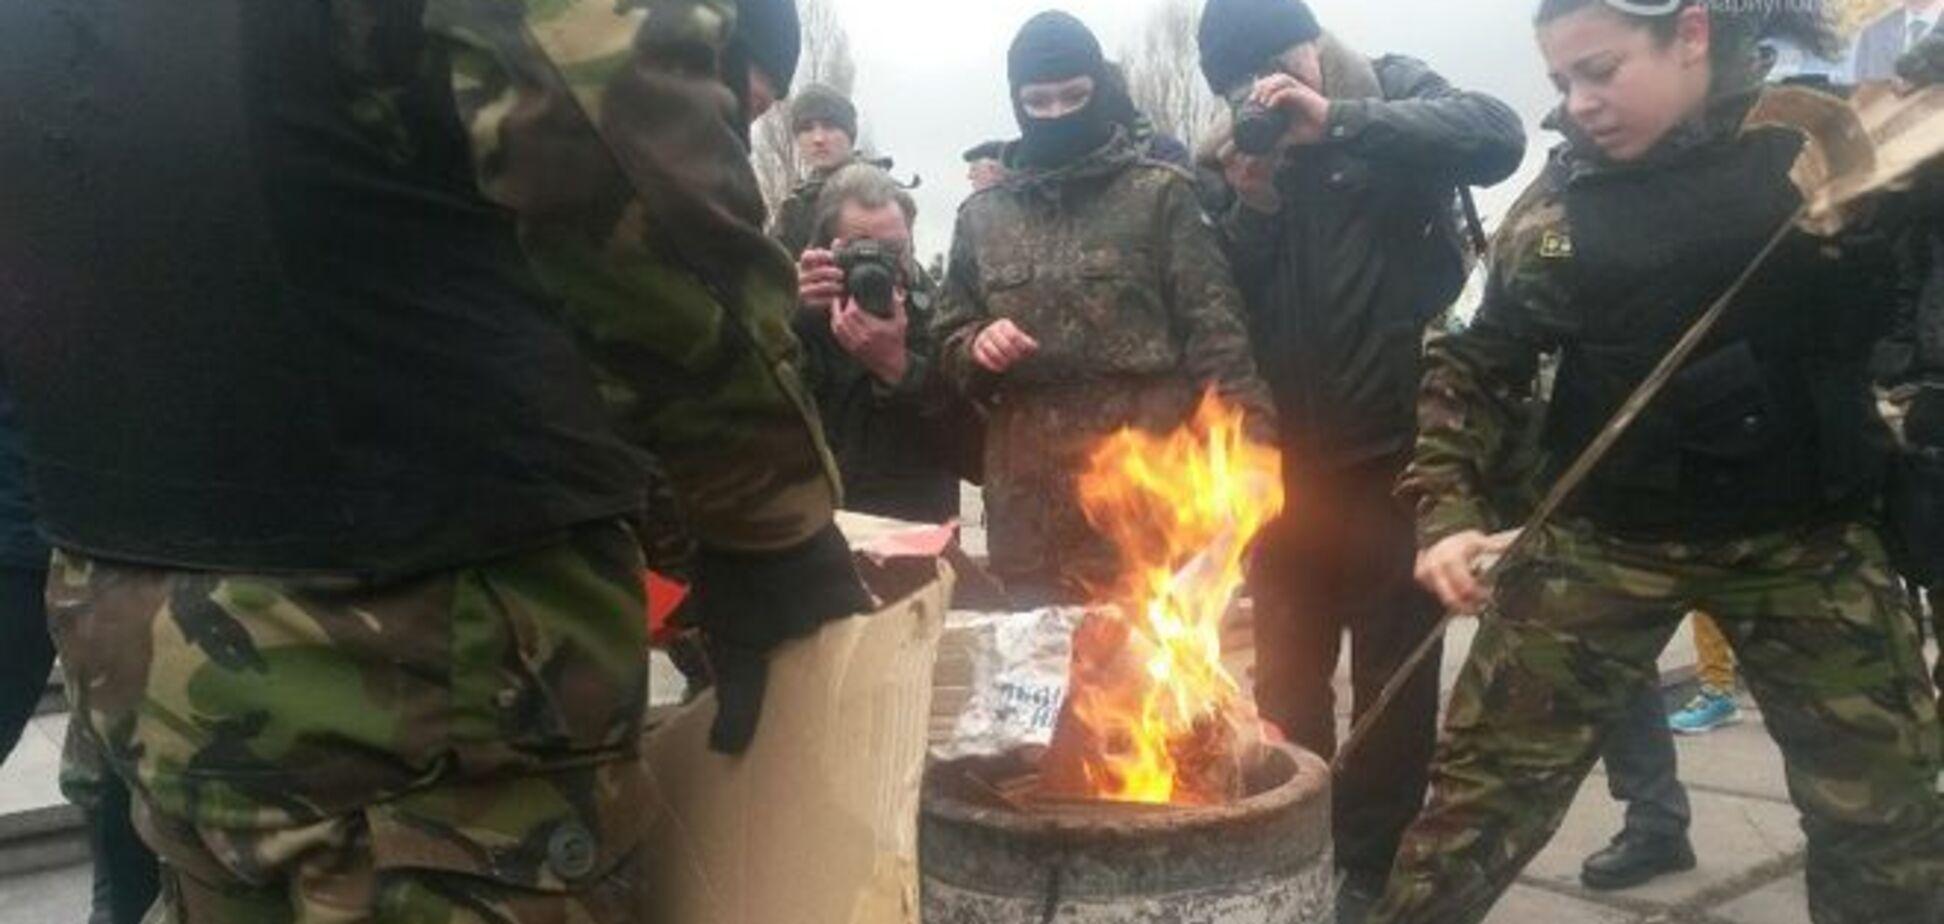 В Мариуполе торжественно сожгли гроб с 'Путиным': опубликованы фото